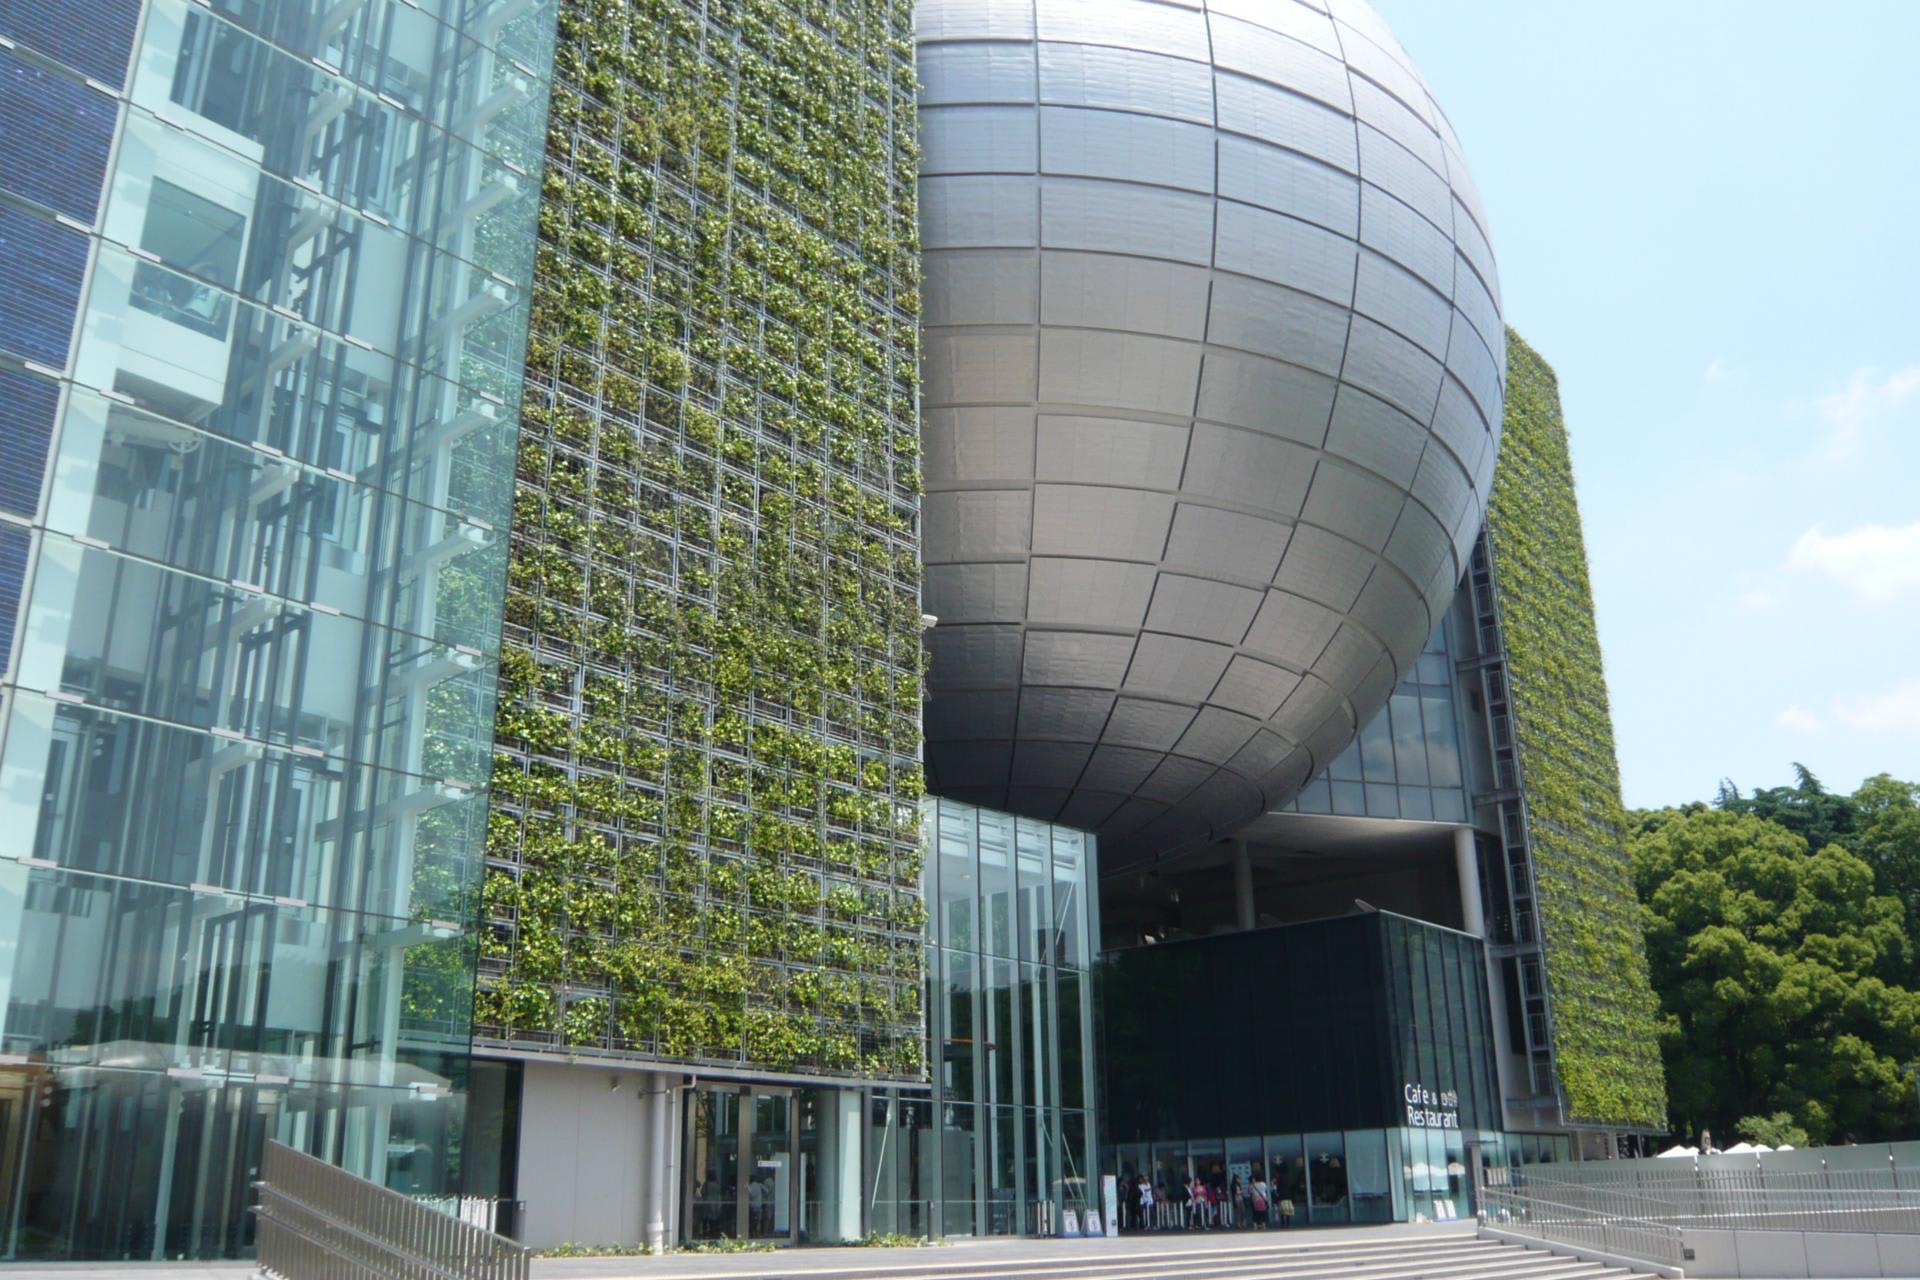 建物に緑を這わすことは絶対にしていけない事であるこれをやると建物の中の生気が吸い取られお化け屋敷になる。